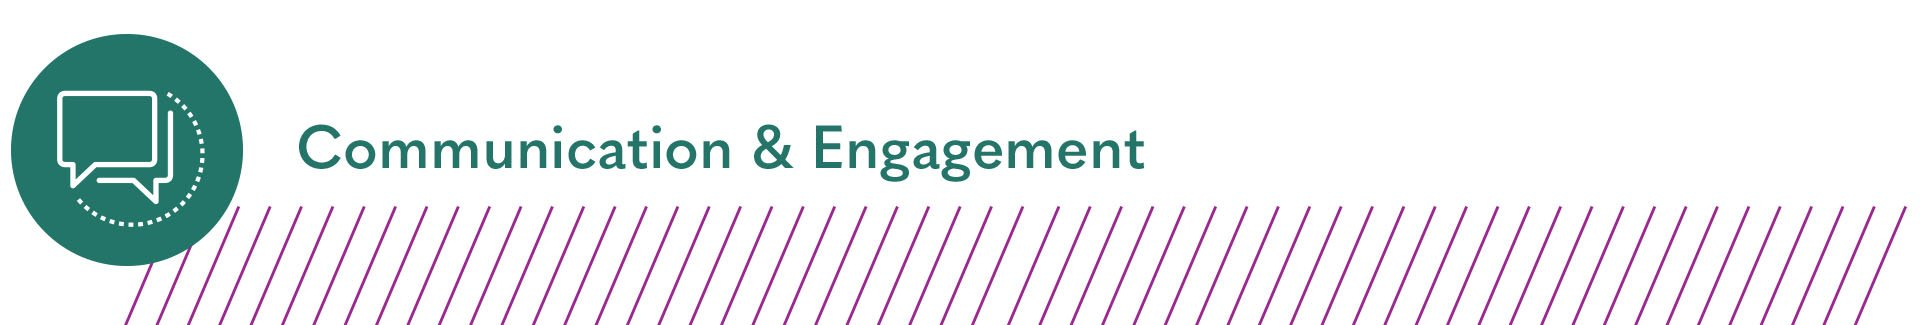 Communication & Engagement